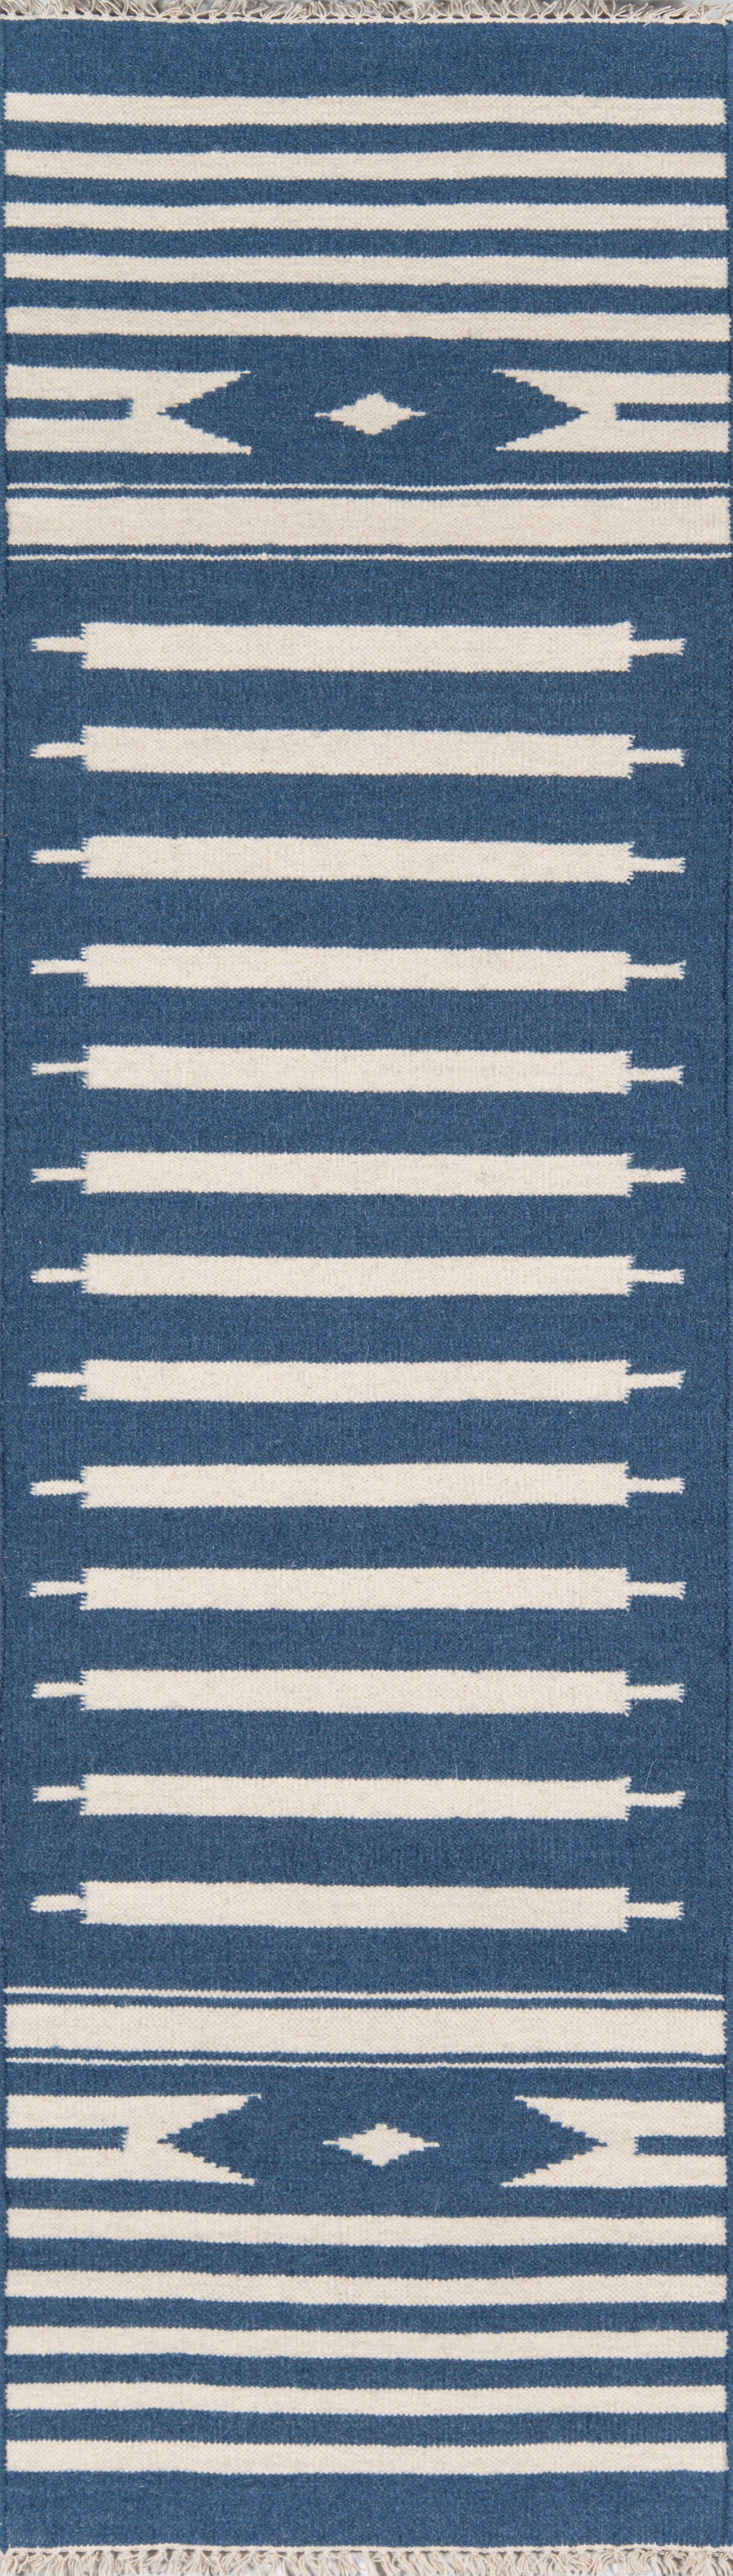 Thompson Billings Hand-Woven Wool Denim Area Rug Rug Size: Runner 2'3